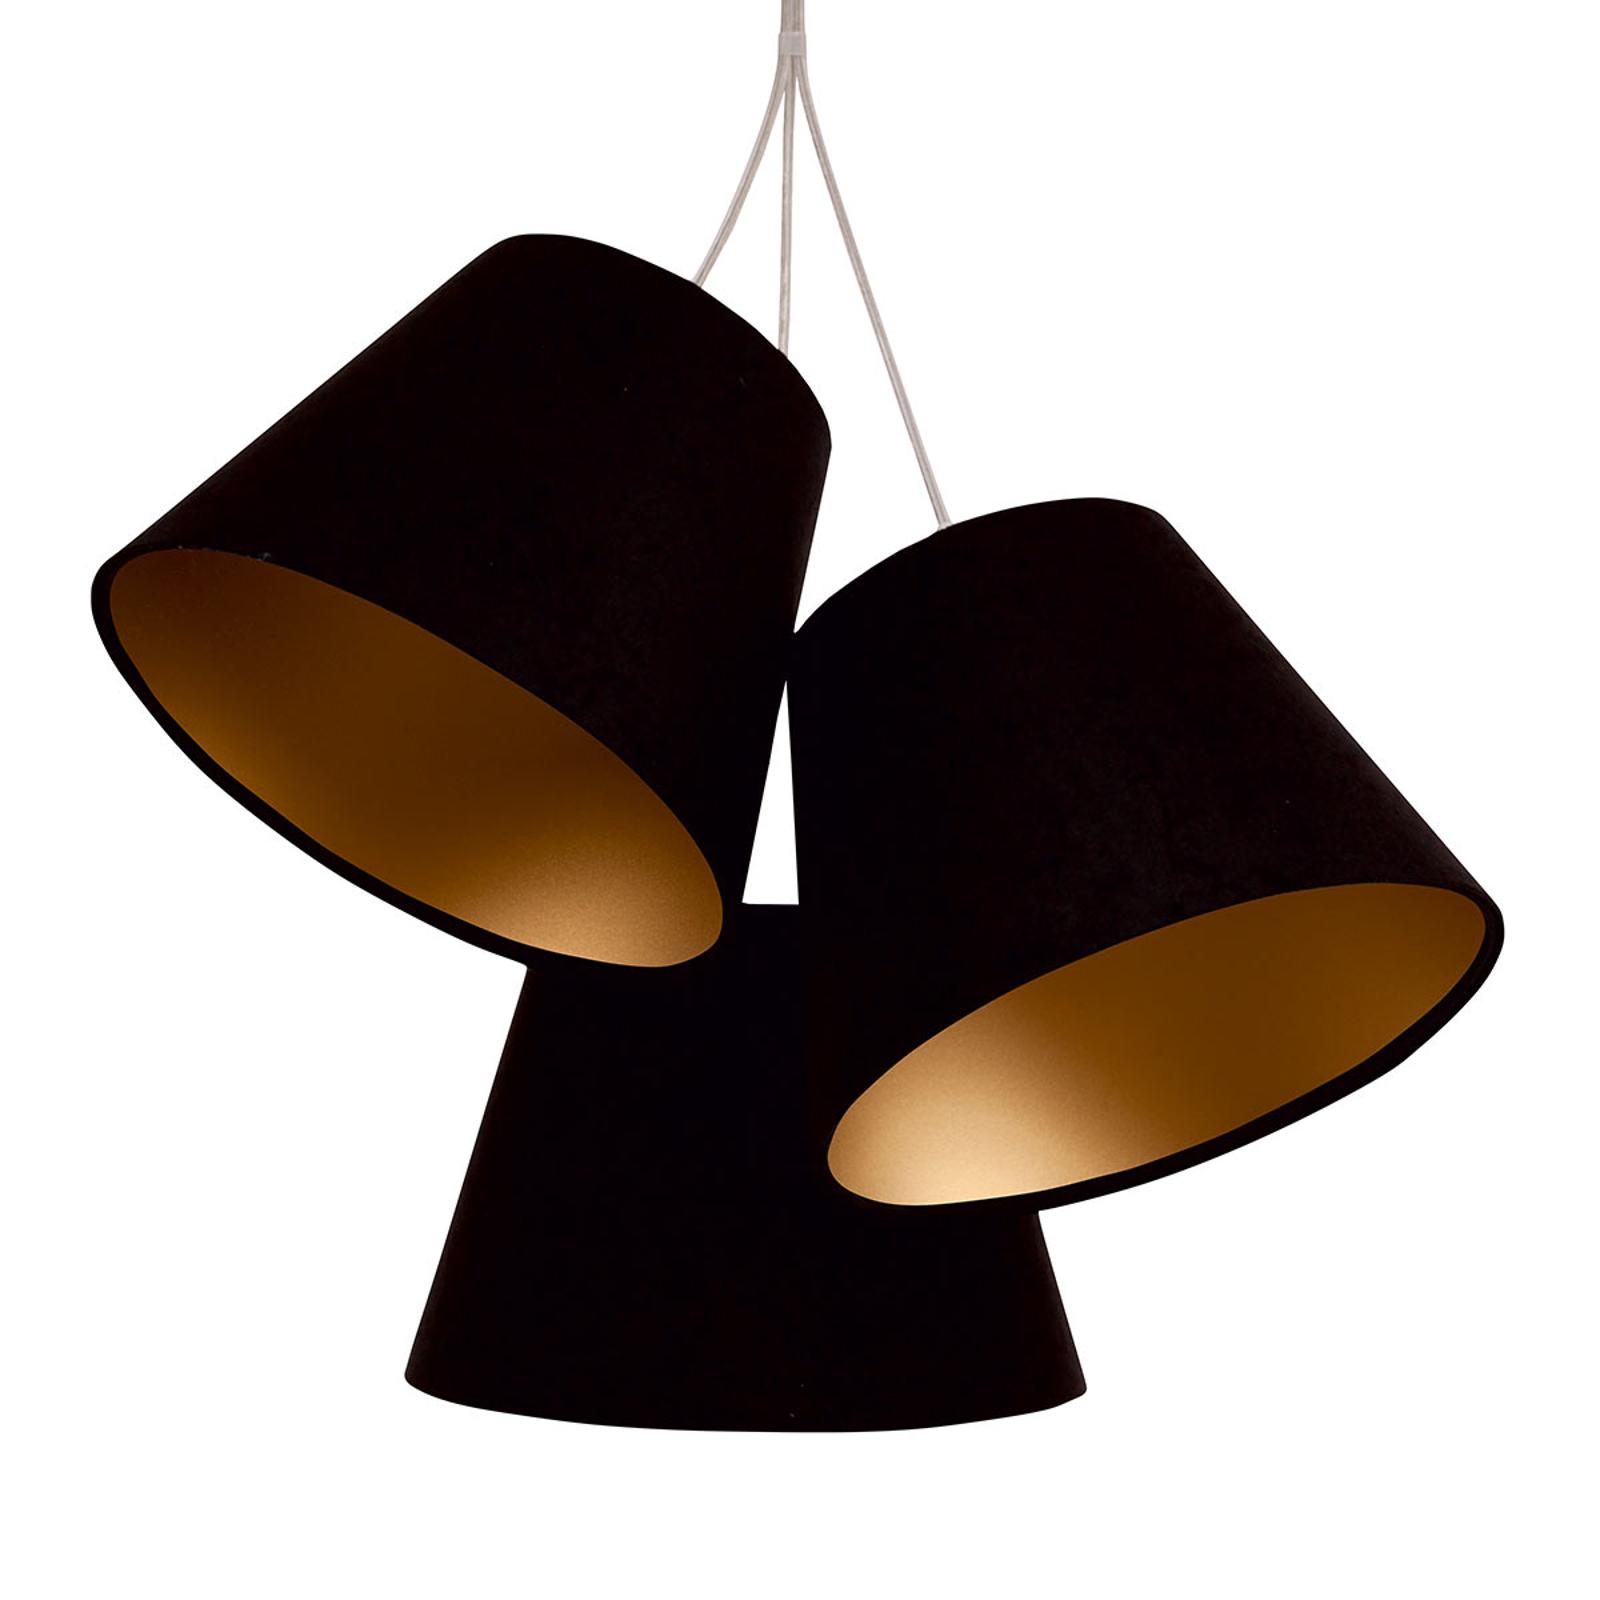 Hanglamp Sonia met textielkappen, 3-lamps